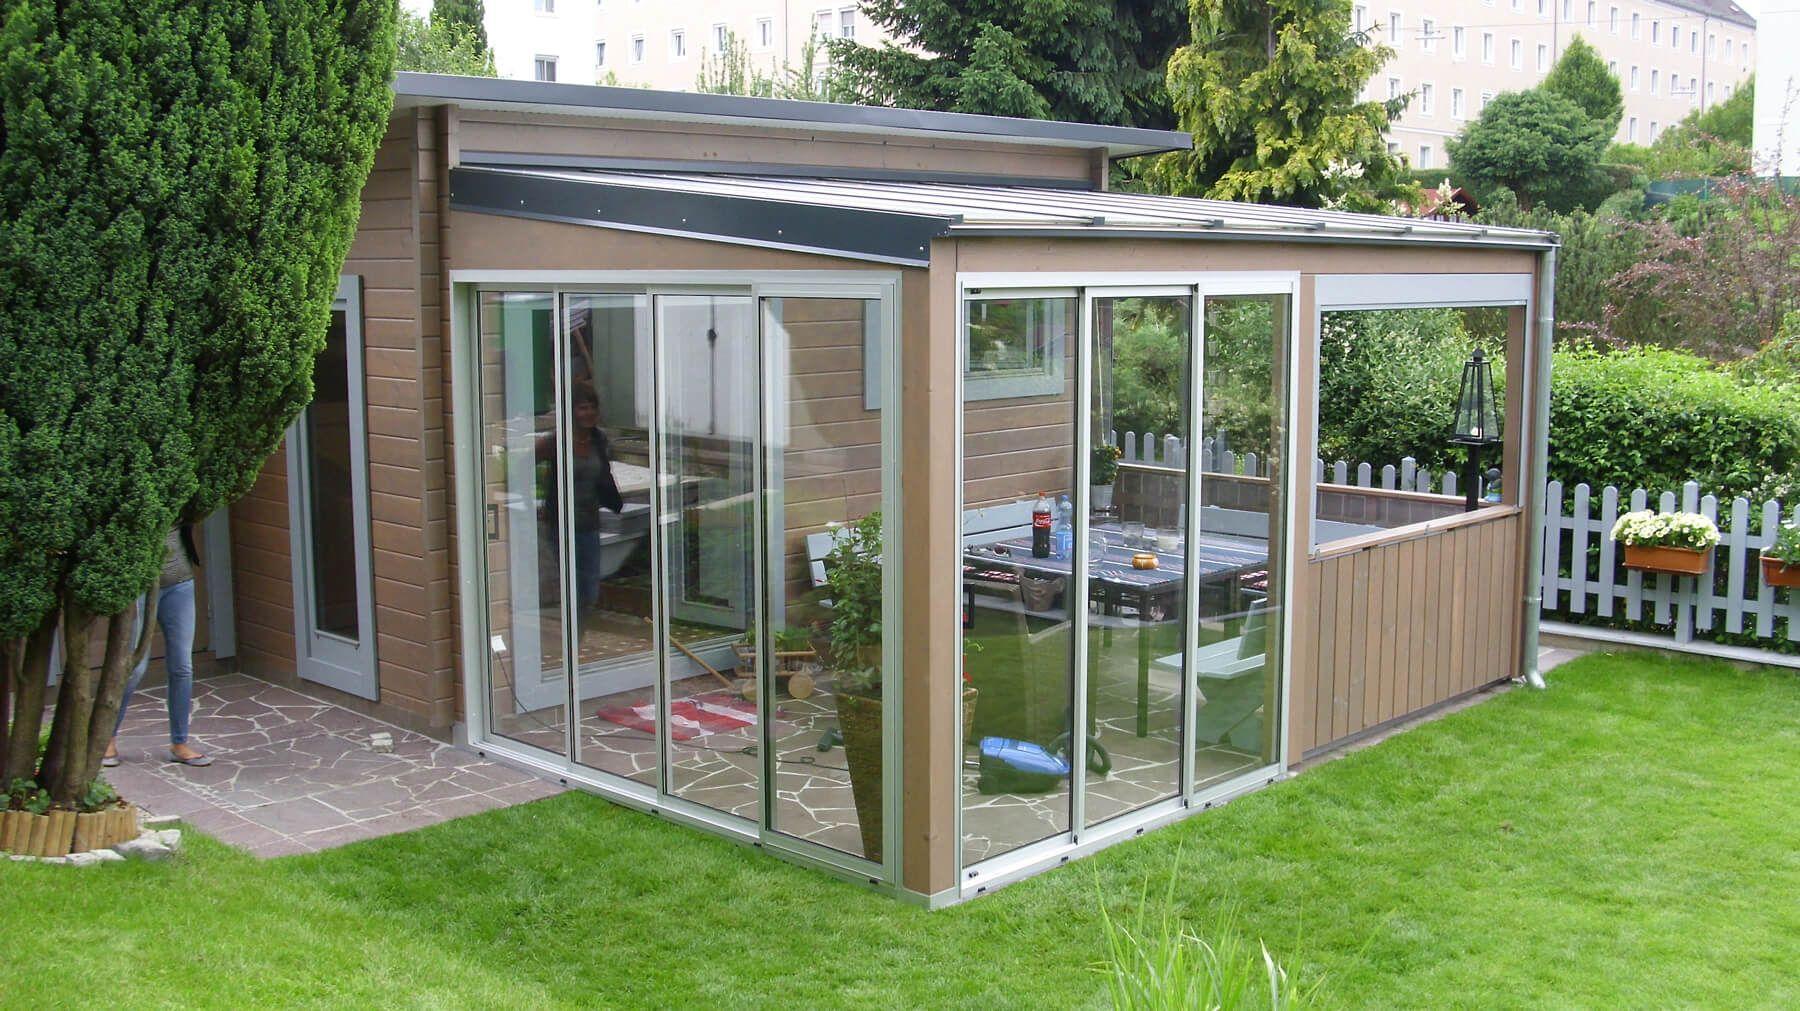 wintergarten f r gartenhaus von wintergarten schmidinger winterg rten gartenh user und. Black Bedroom Furniture Sets. Home Design Ideas